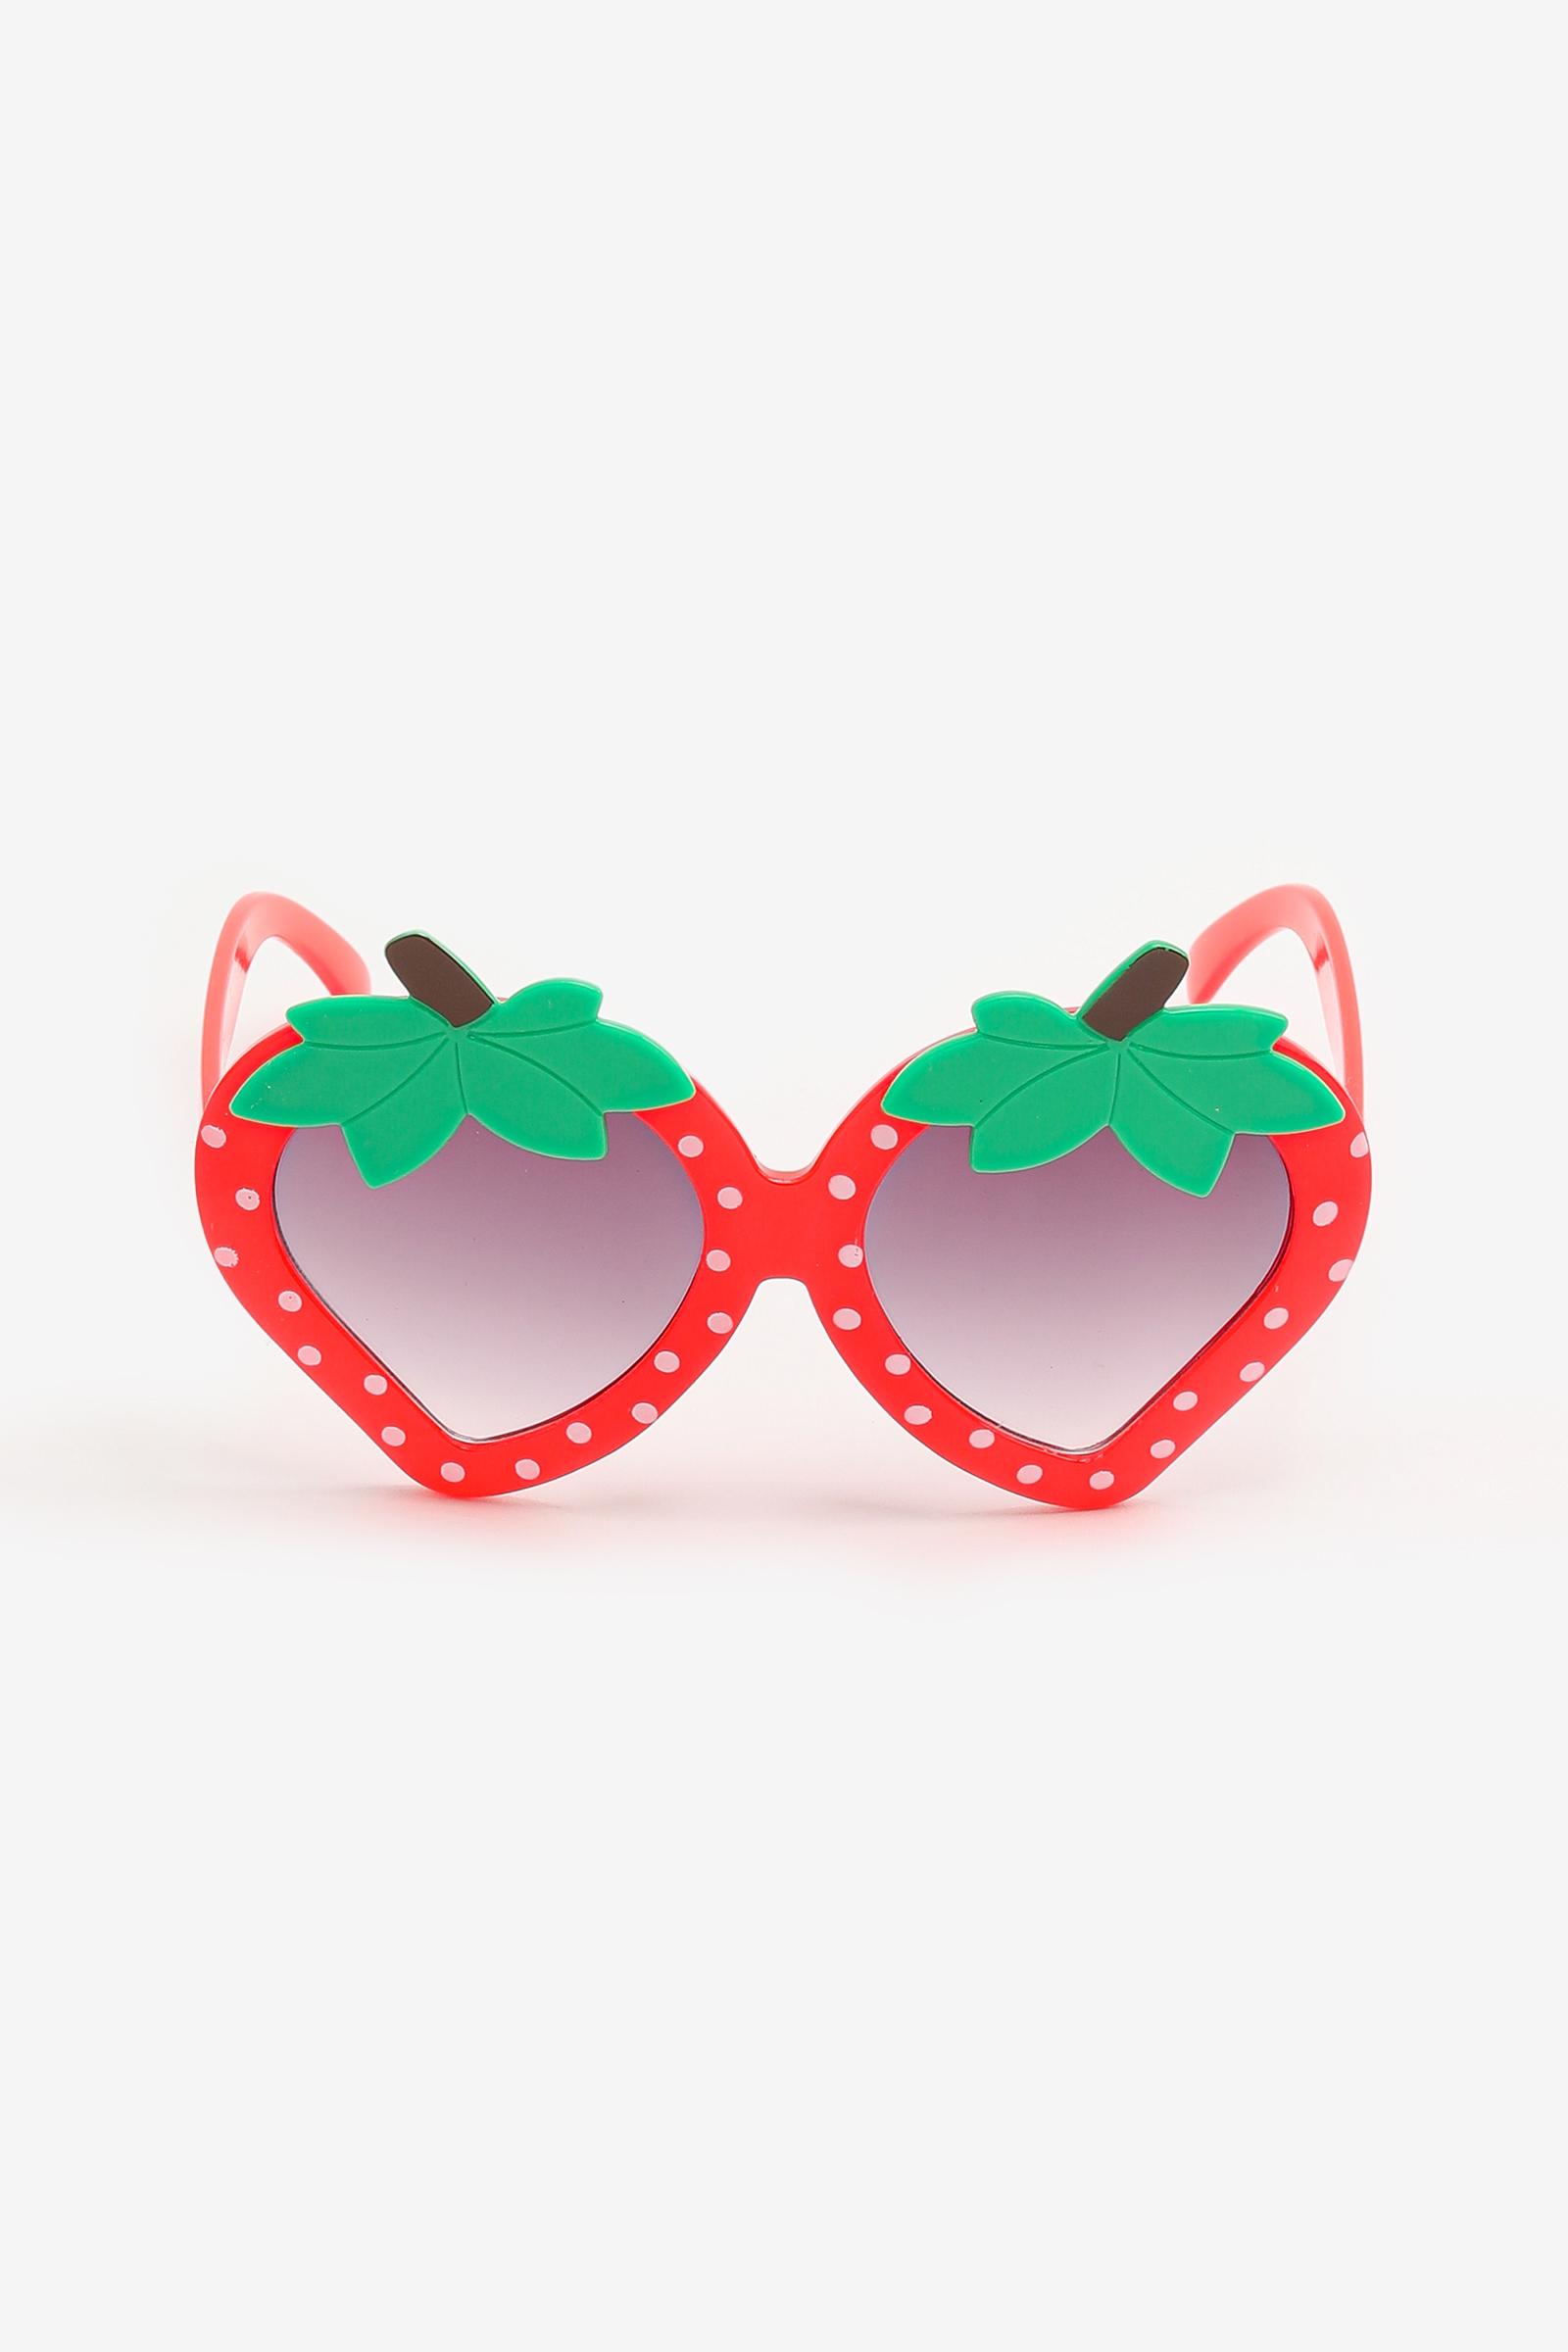 Lunettes soleil en fraise pour enfants